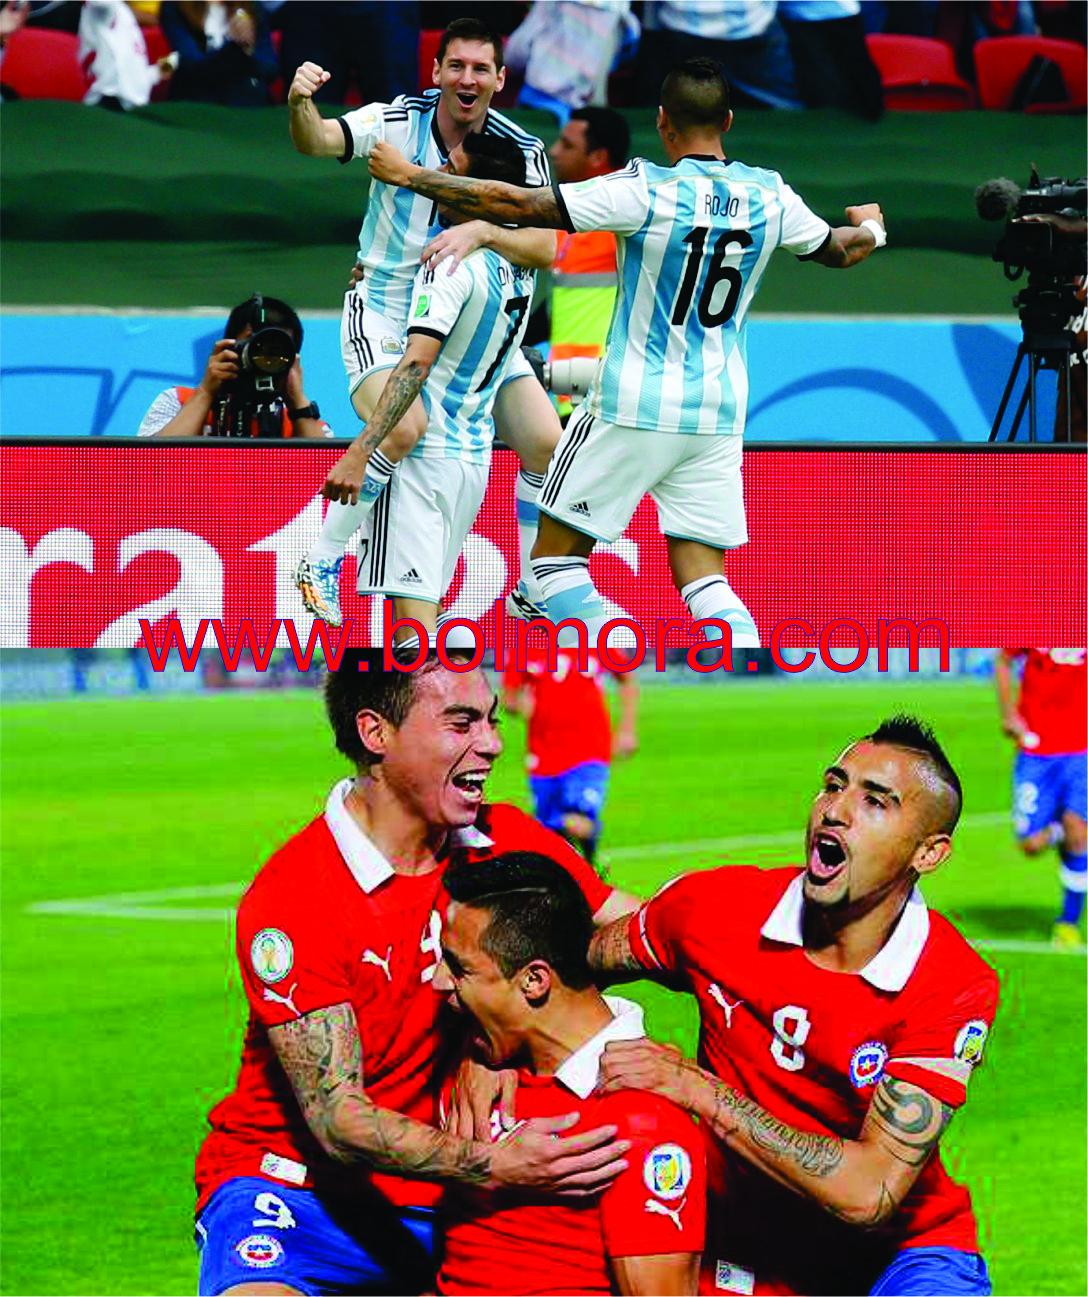 Foto Pemain Argentina dan Chile Saat Merayakan Gol